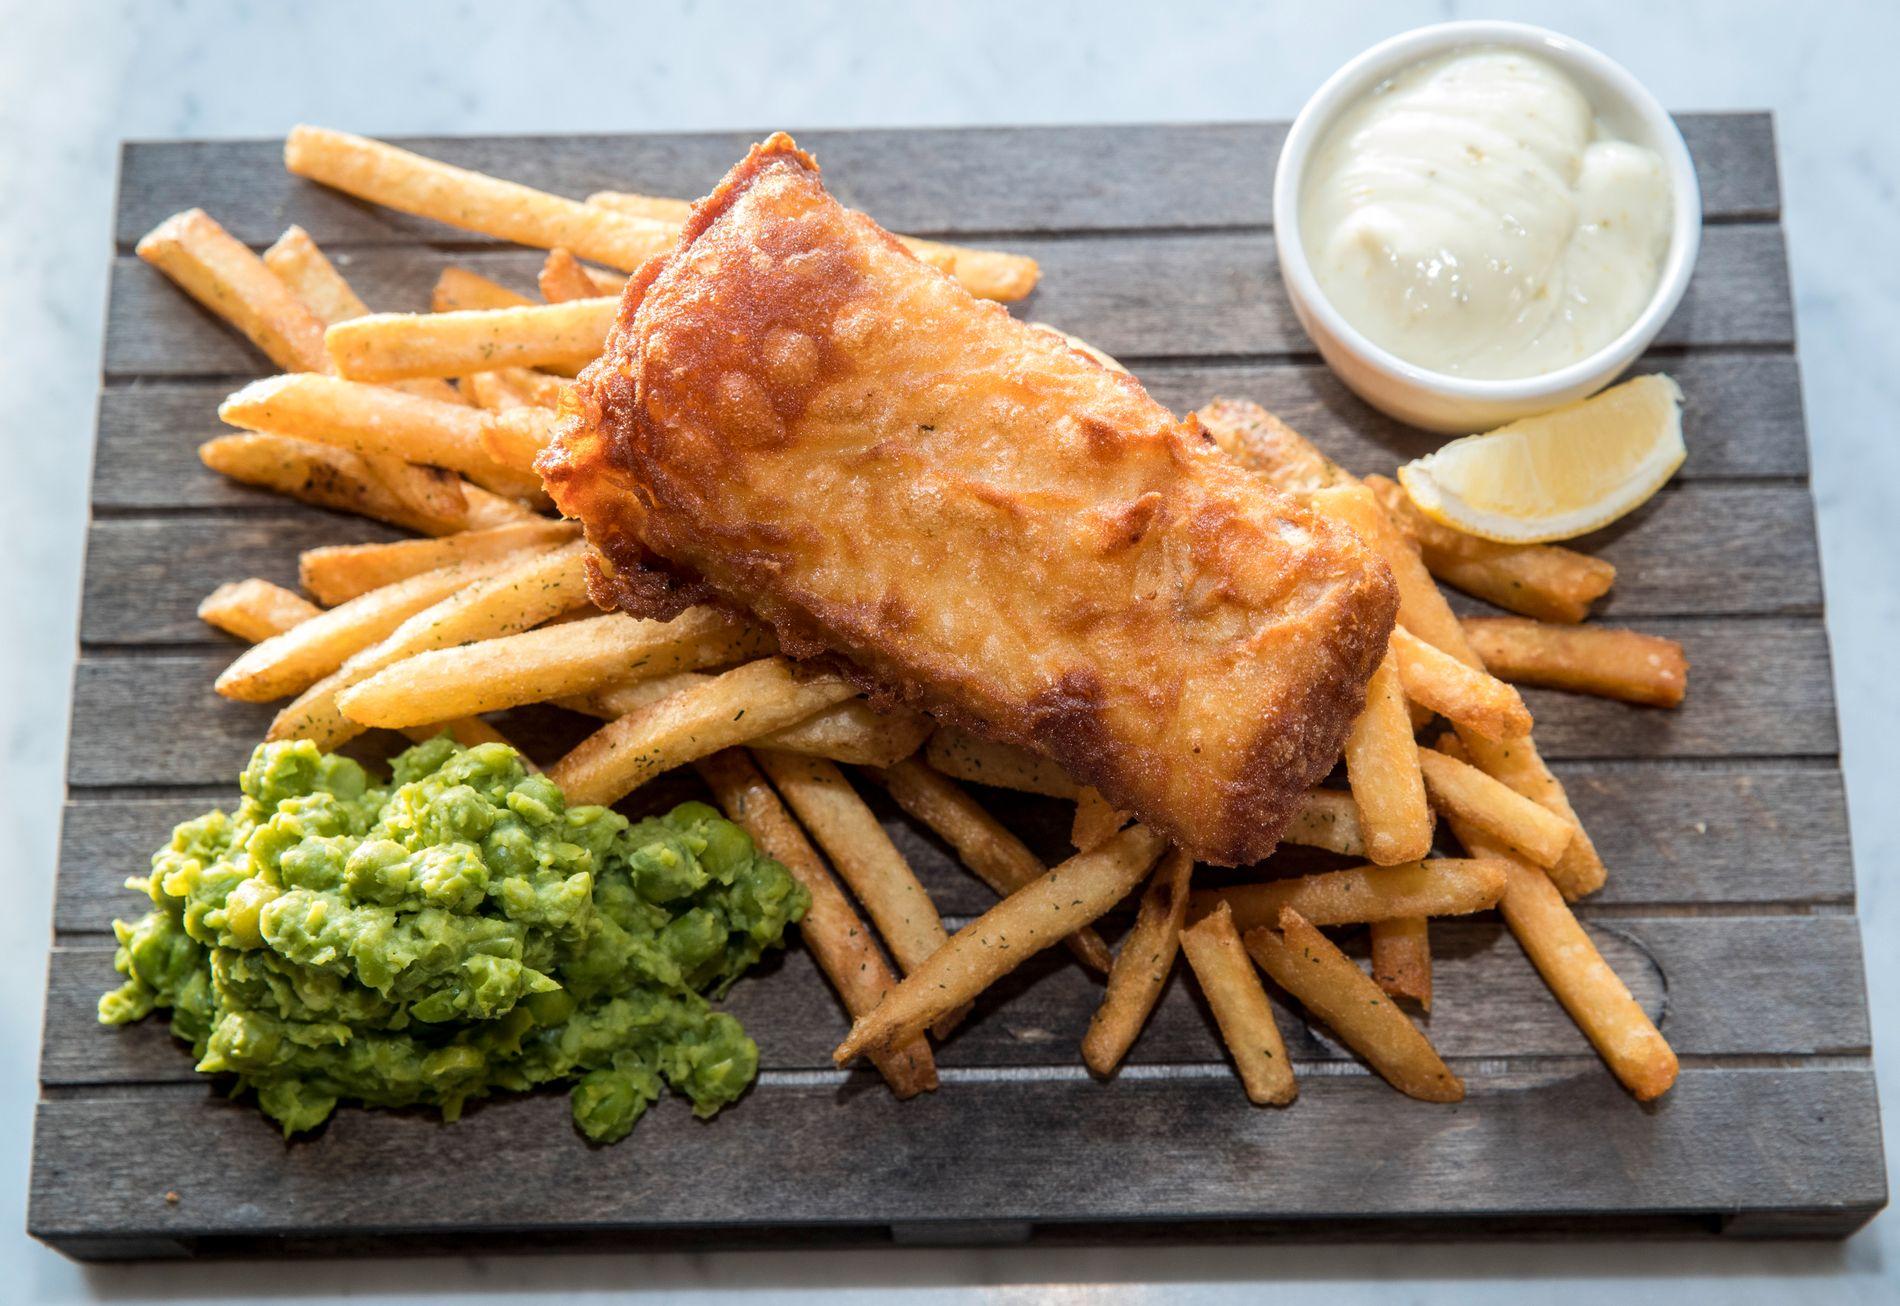 HYSE: Storbritannia er Norges fjerde største marked for eksport av sjømat, og hyse til fish'n'chips er viktig.